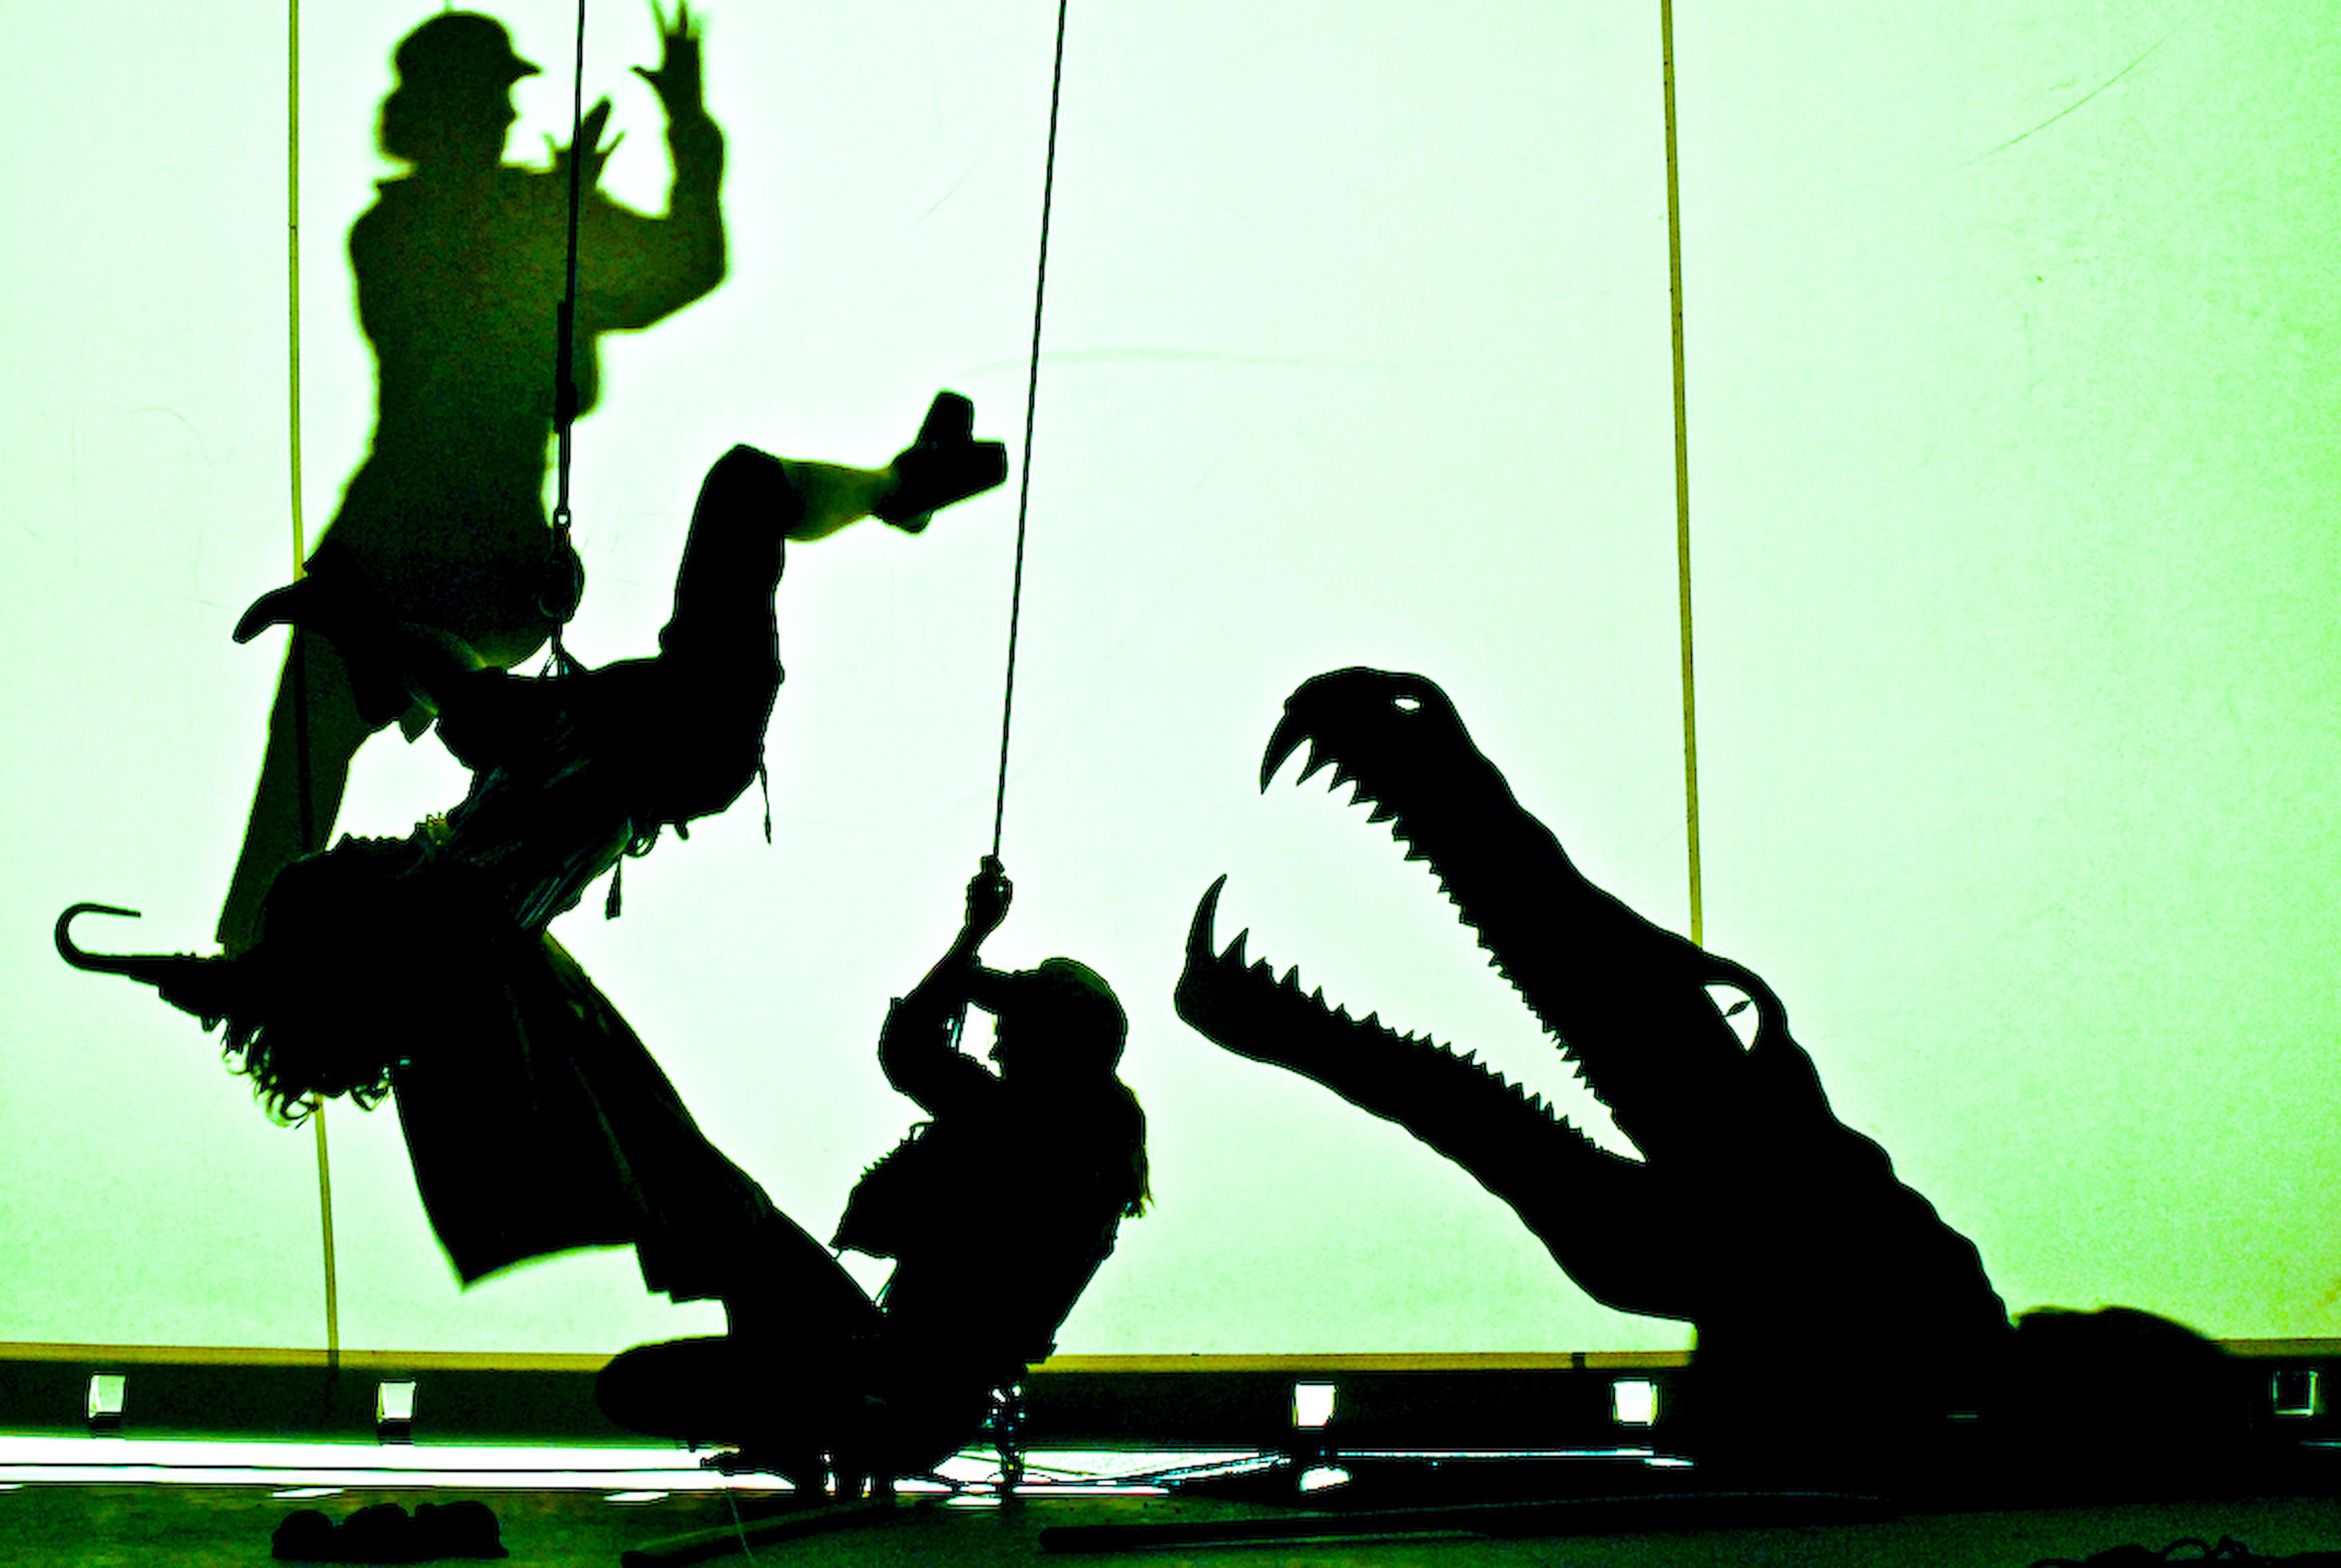 Peter Pan | Wenn Träume fliegen | 2009-2011